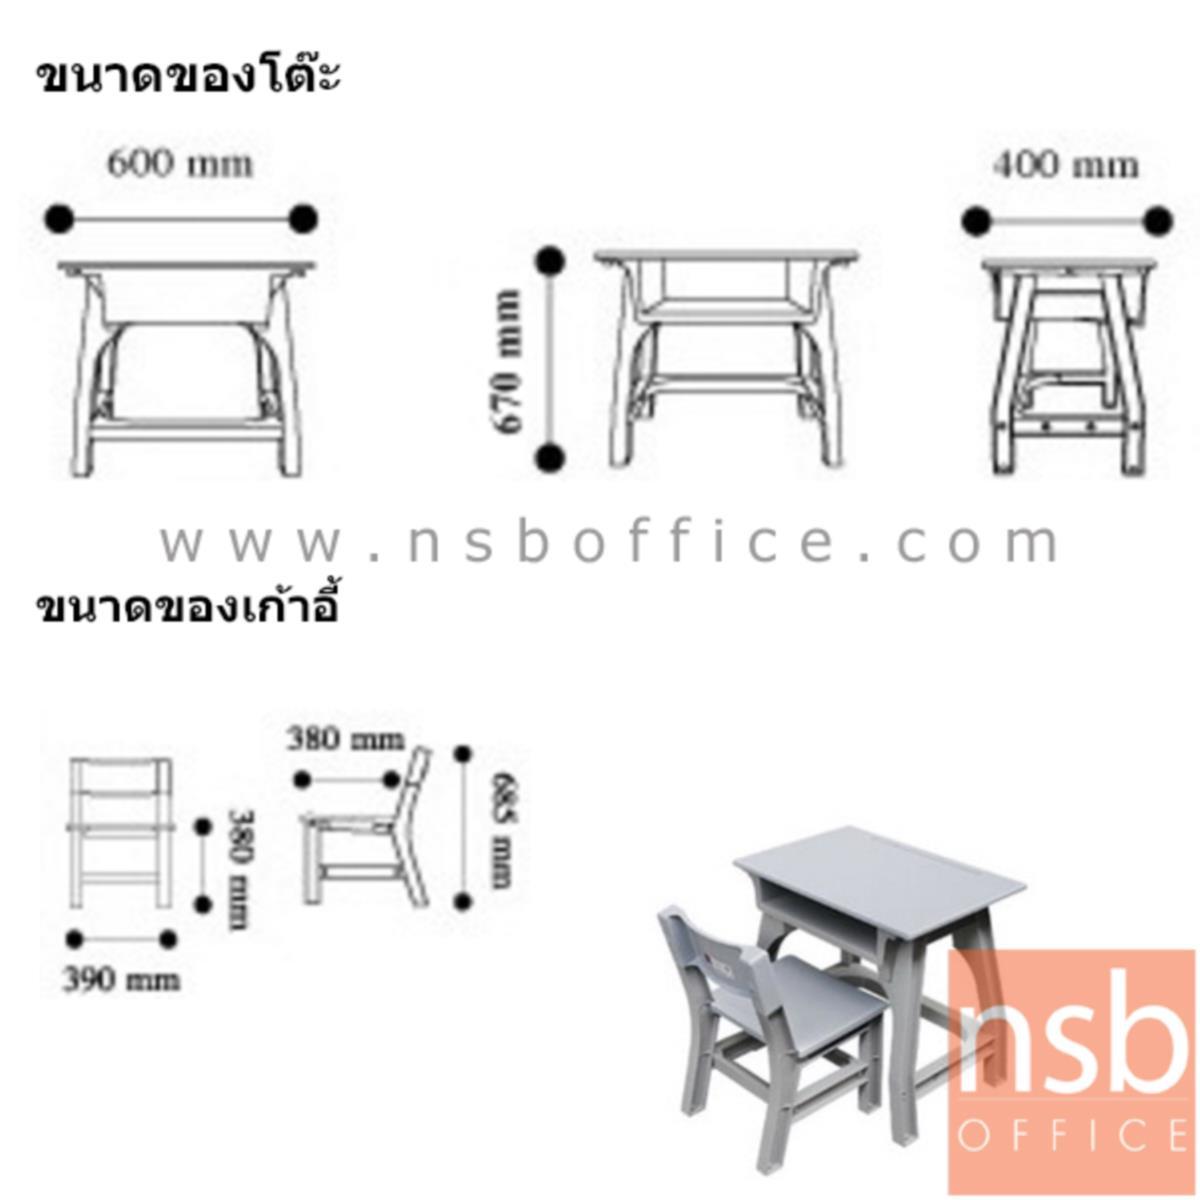 ชุดโต๊ะและเก้าอี้นักเรียน รุ่น Apricot (แอปปิคอต)  ระดับชั้นมัธยม ขาพลาสติก